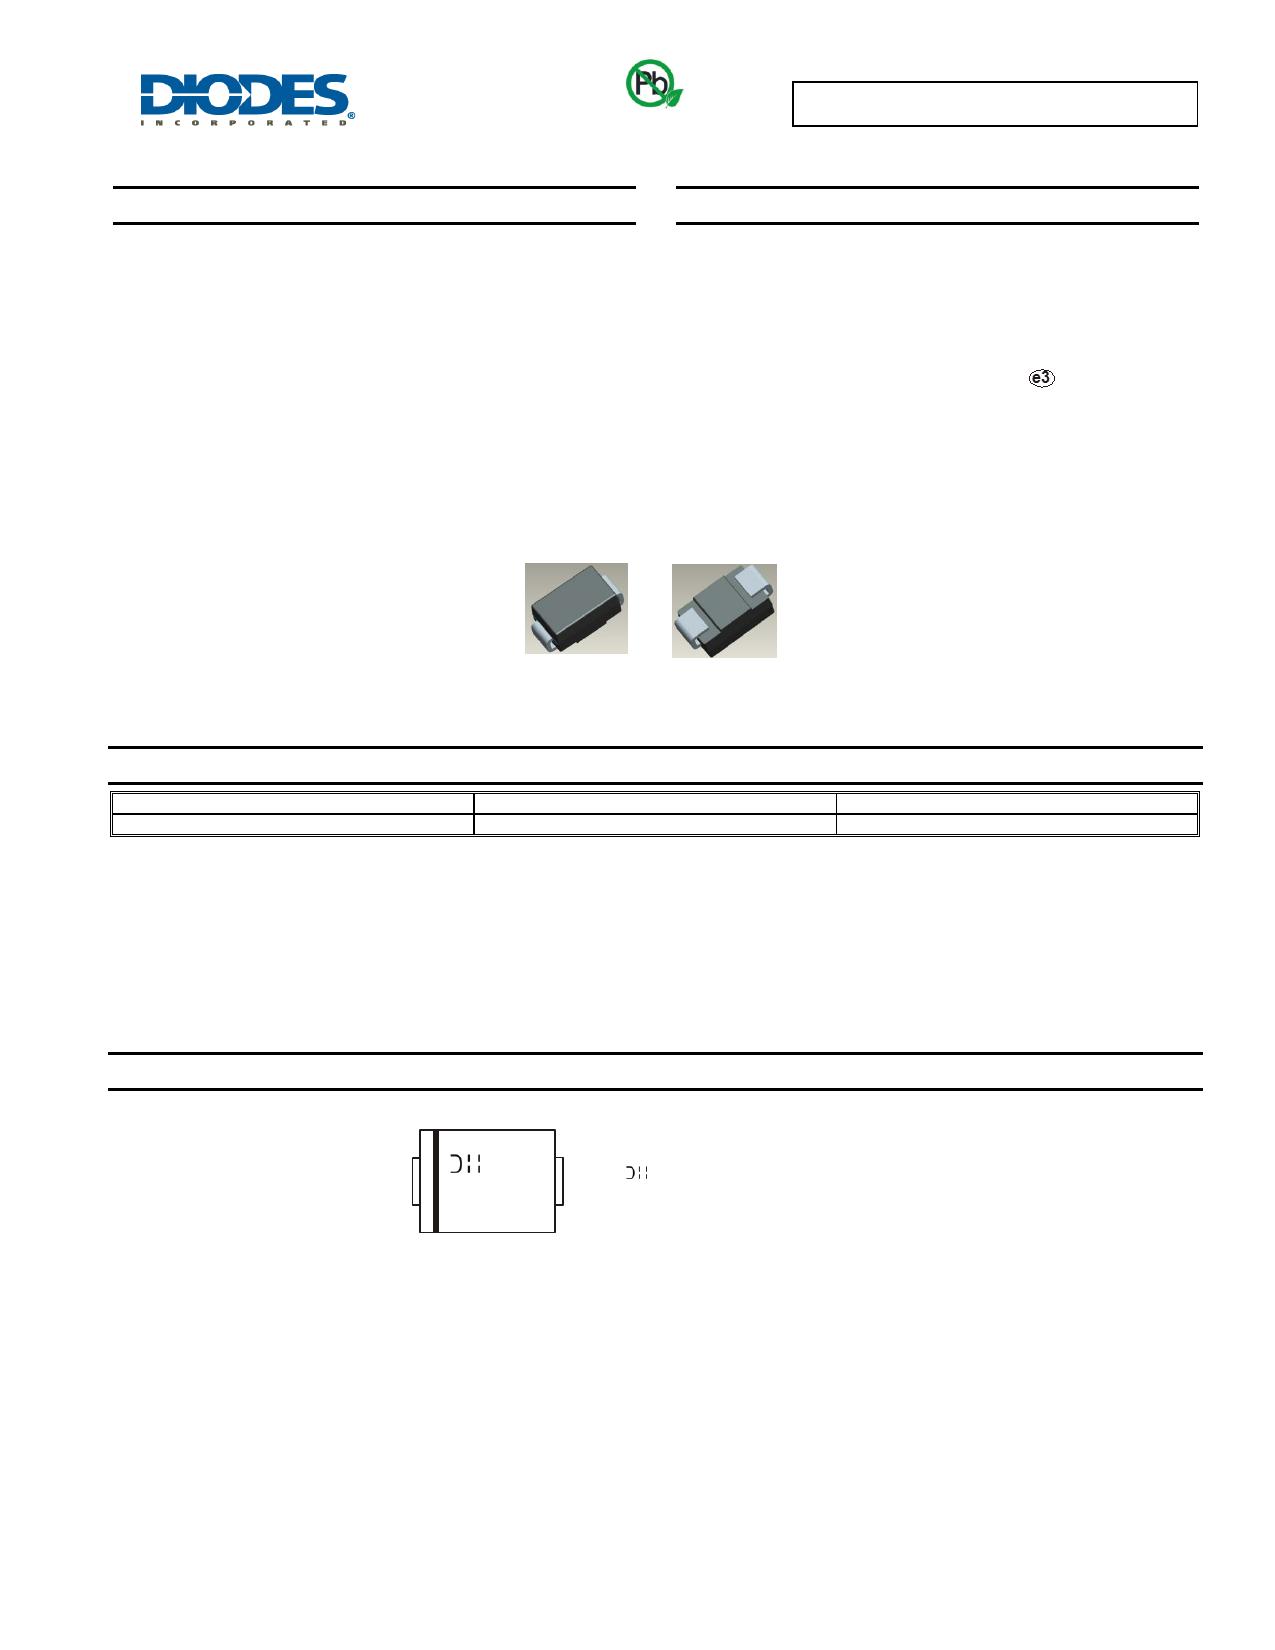 SMAJ70CA datasheet